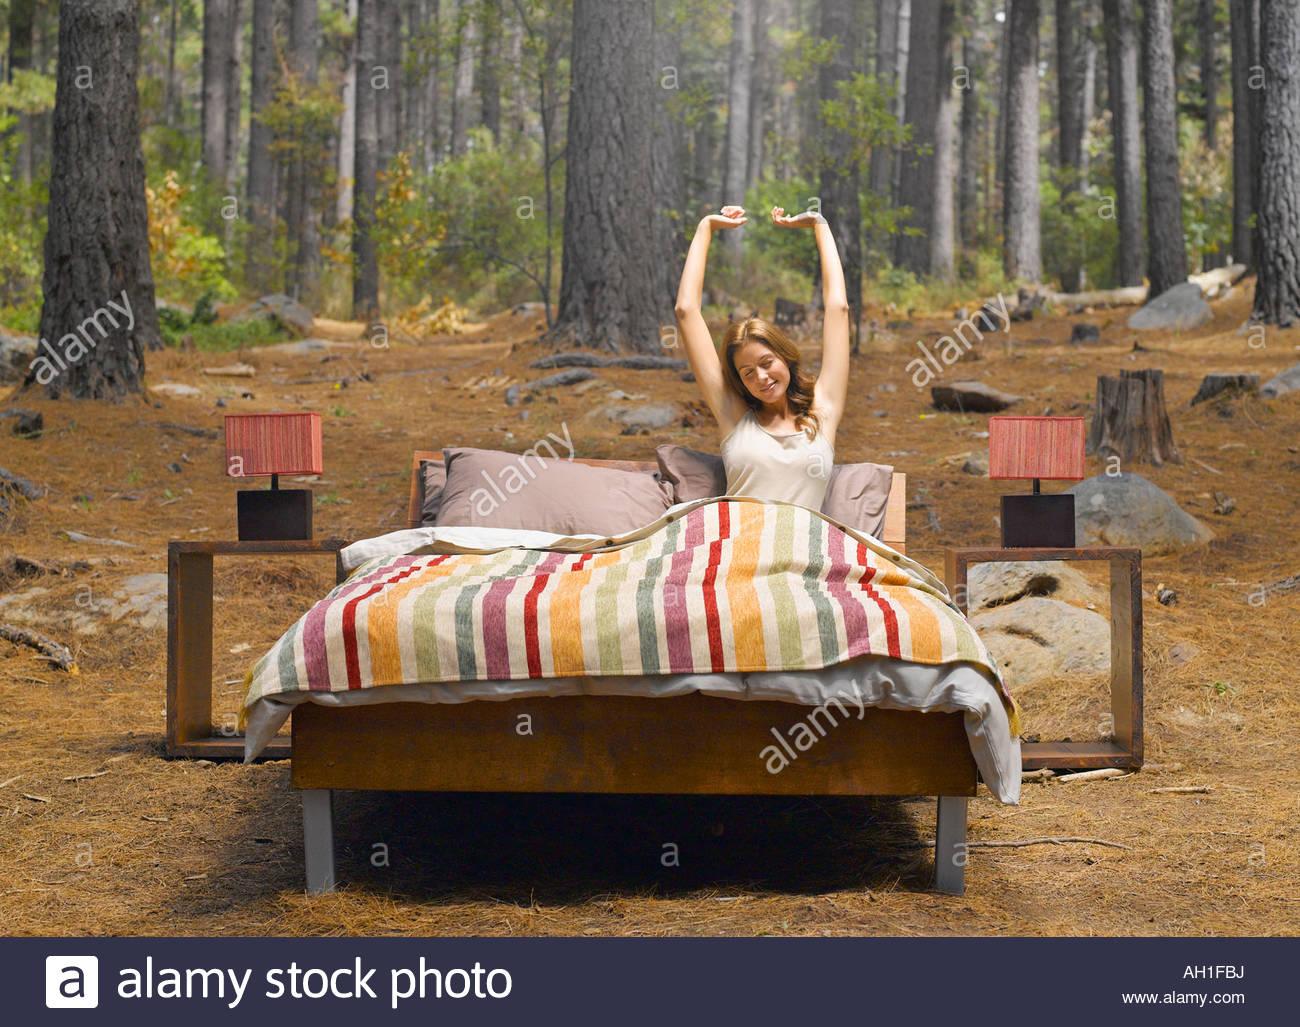 Estiramiento de una mujer en una cama al aire libre en el bosque Imagen De Stock